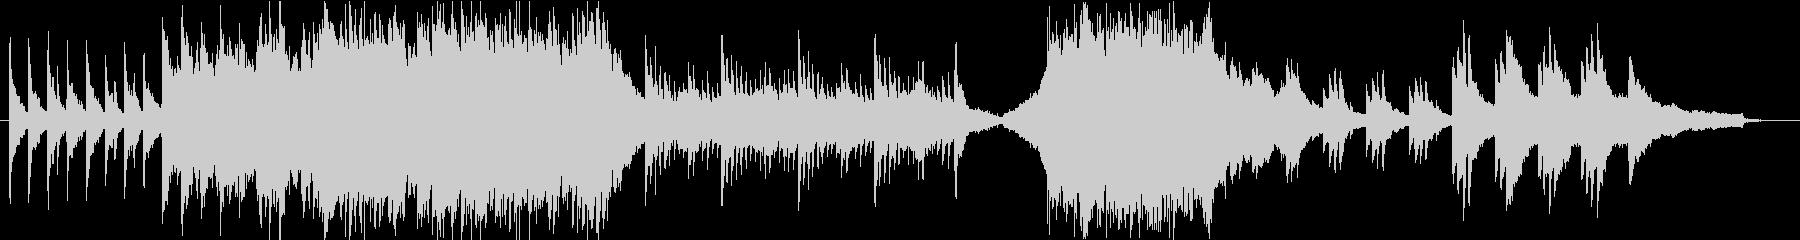 4種の展開のあるBGMの未再生の波形